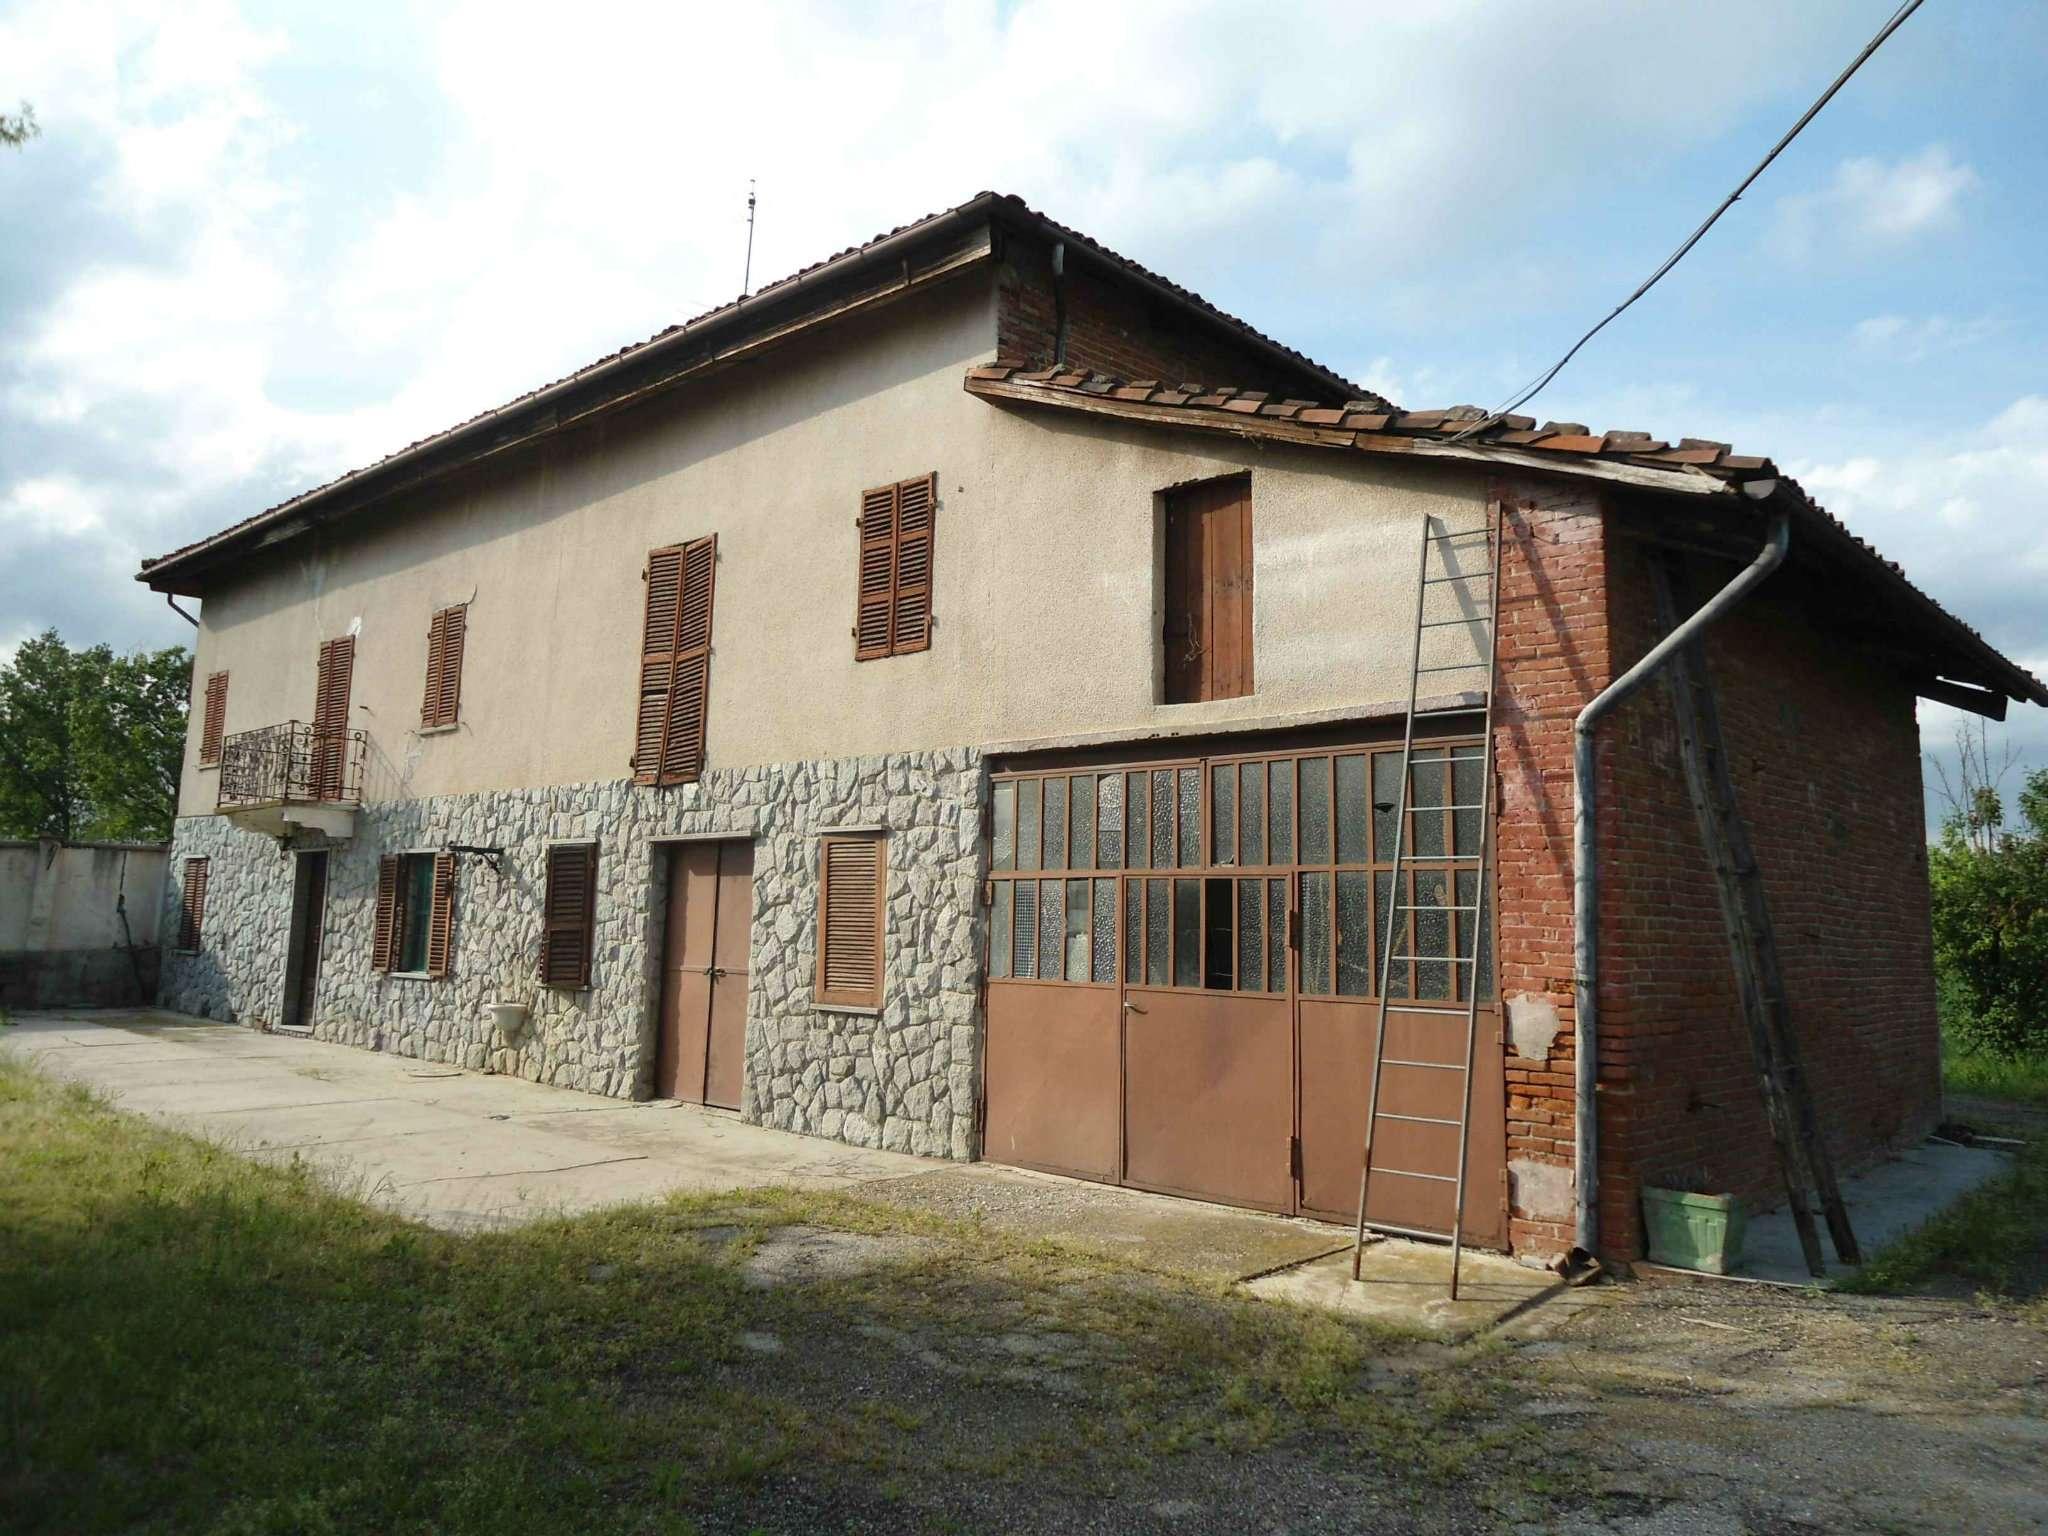 Rustico / Casale in vendita a San Paolo Solbrito, 8 locali, prezzo € 120.000 | Cambio Casa.it